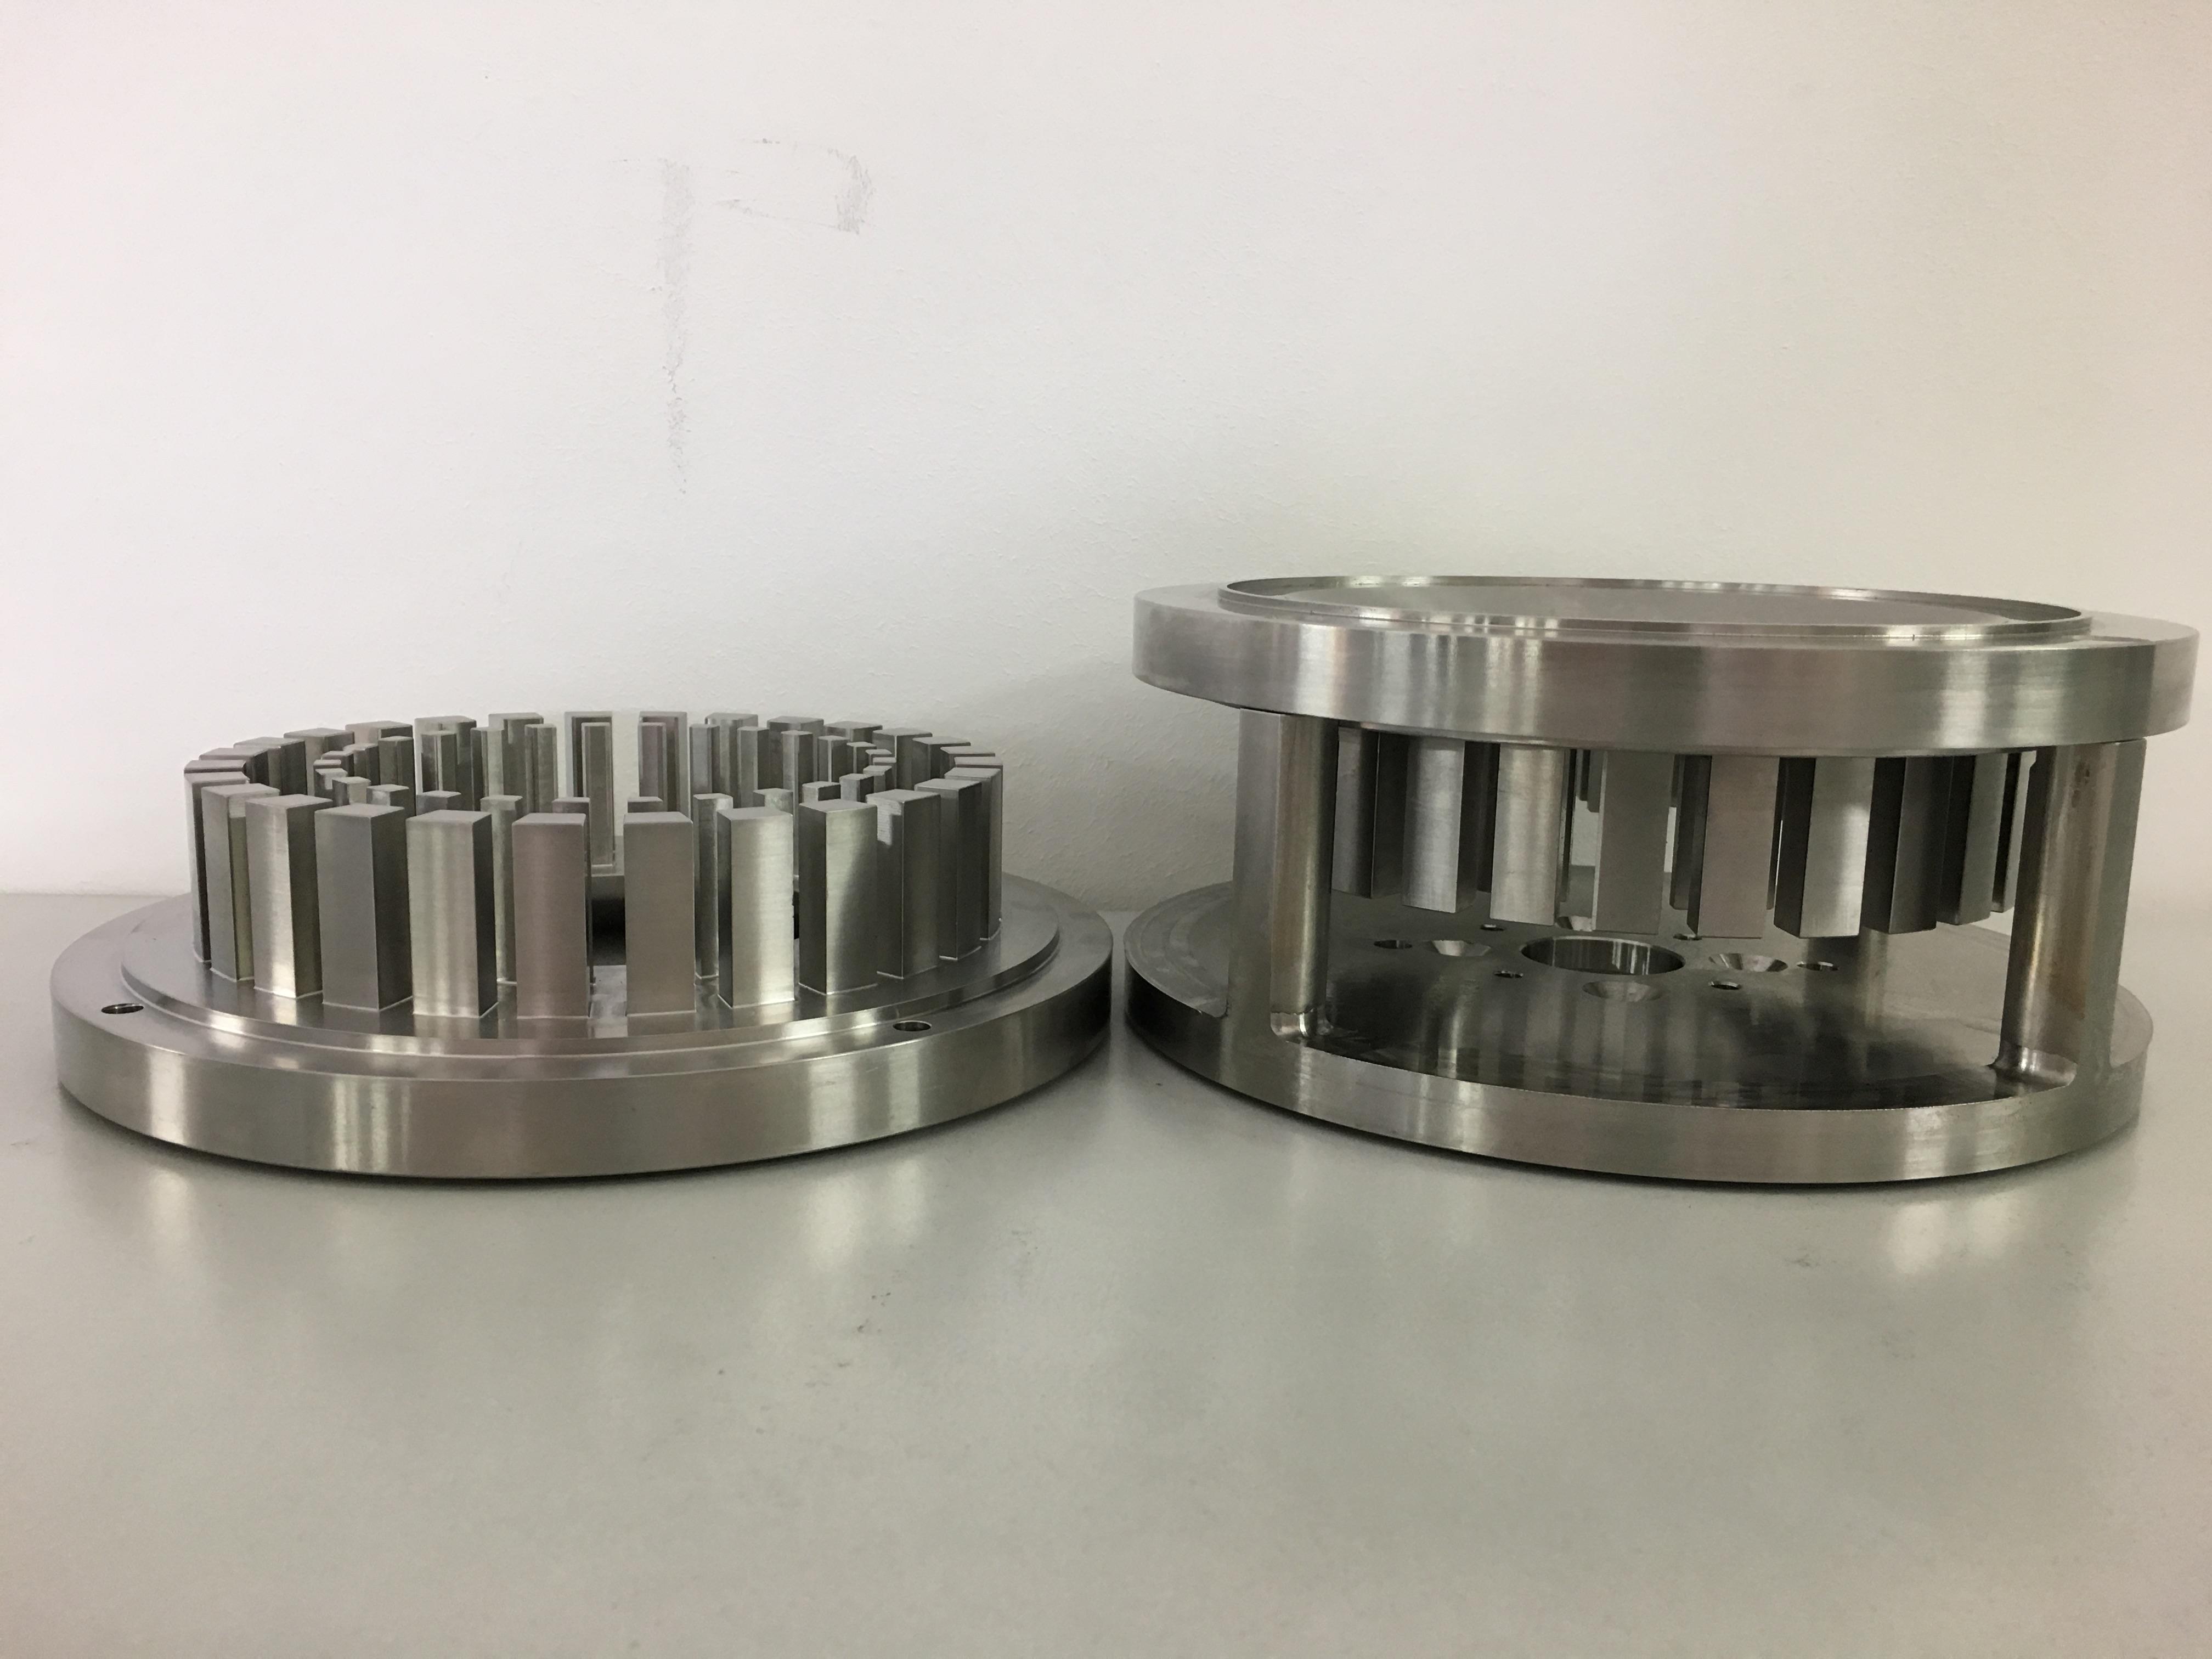 KTS Komponentenfertigung und Schweißtechnik GmbH